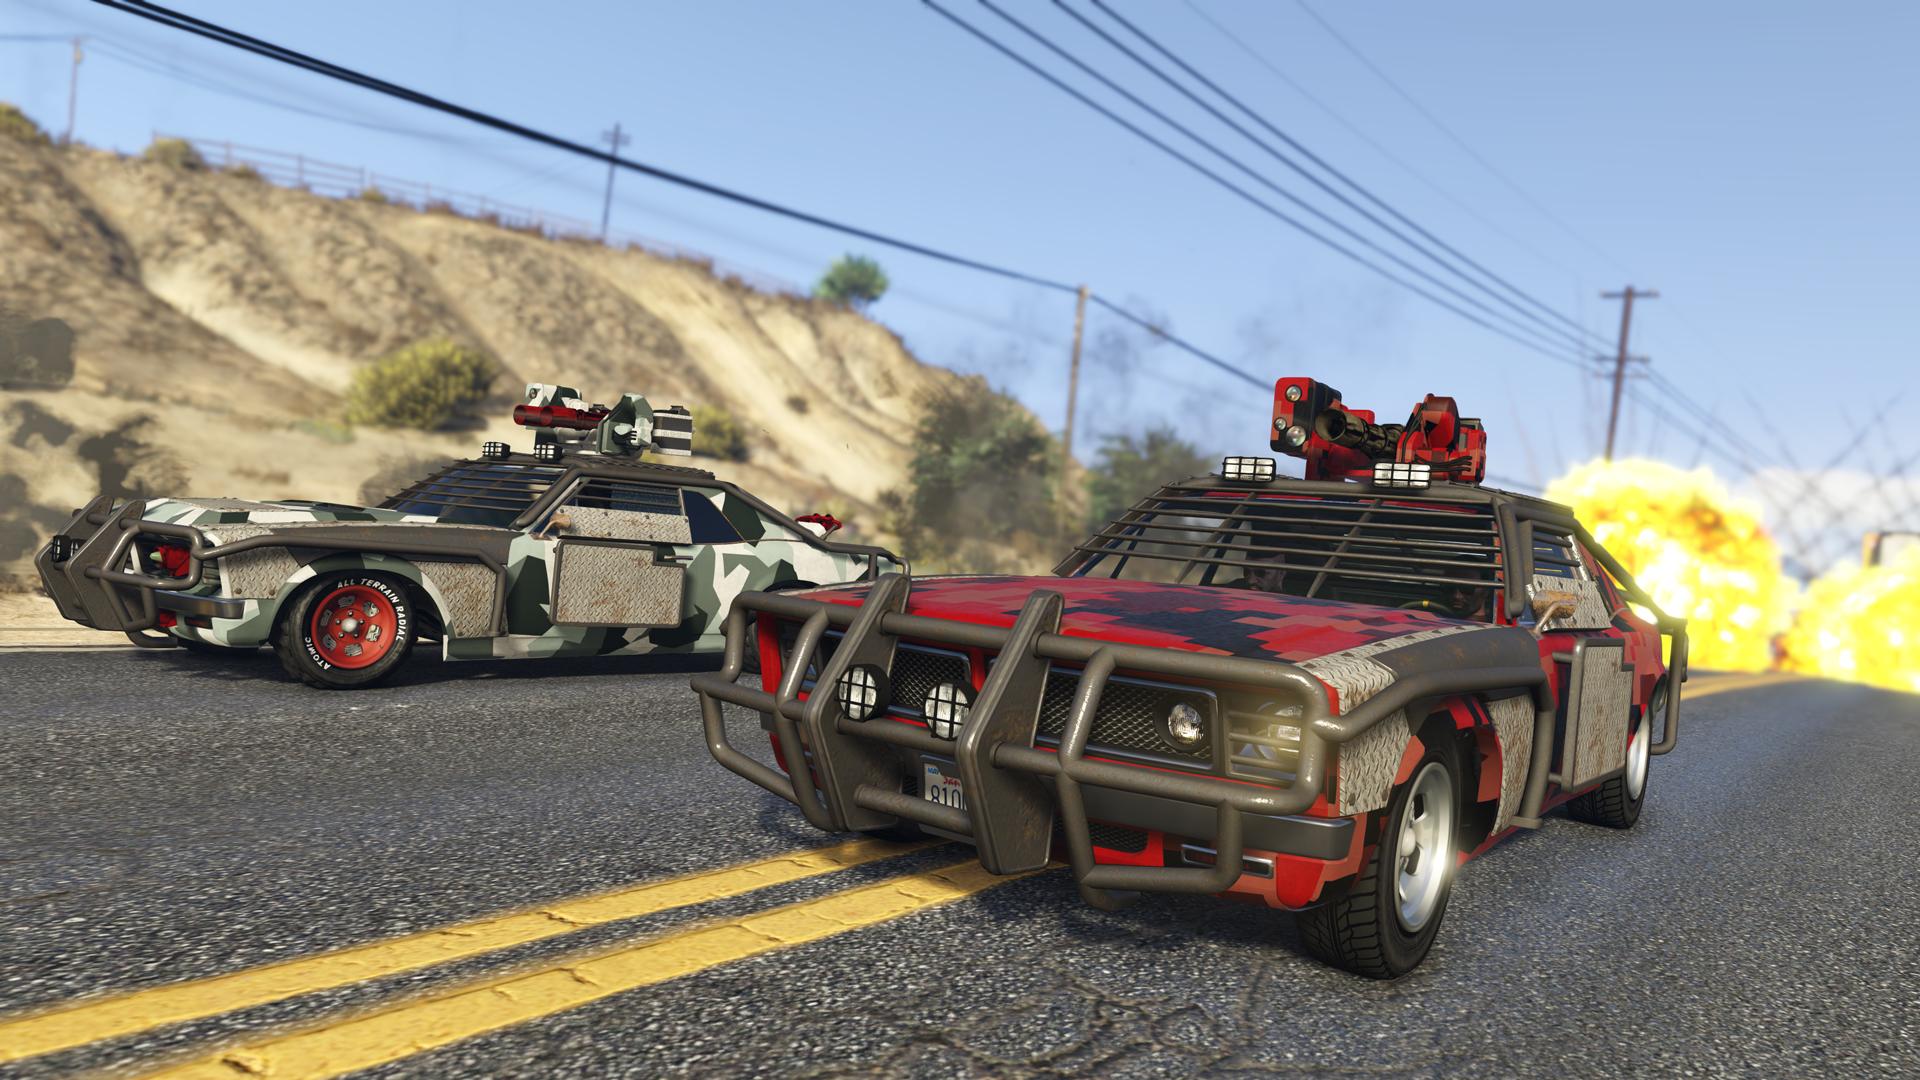 Aktualizace Gunrunning přidá do GTA Online obojživelná obrněná vozidla a podzemní základny 144781